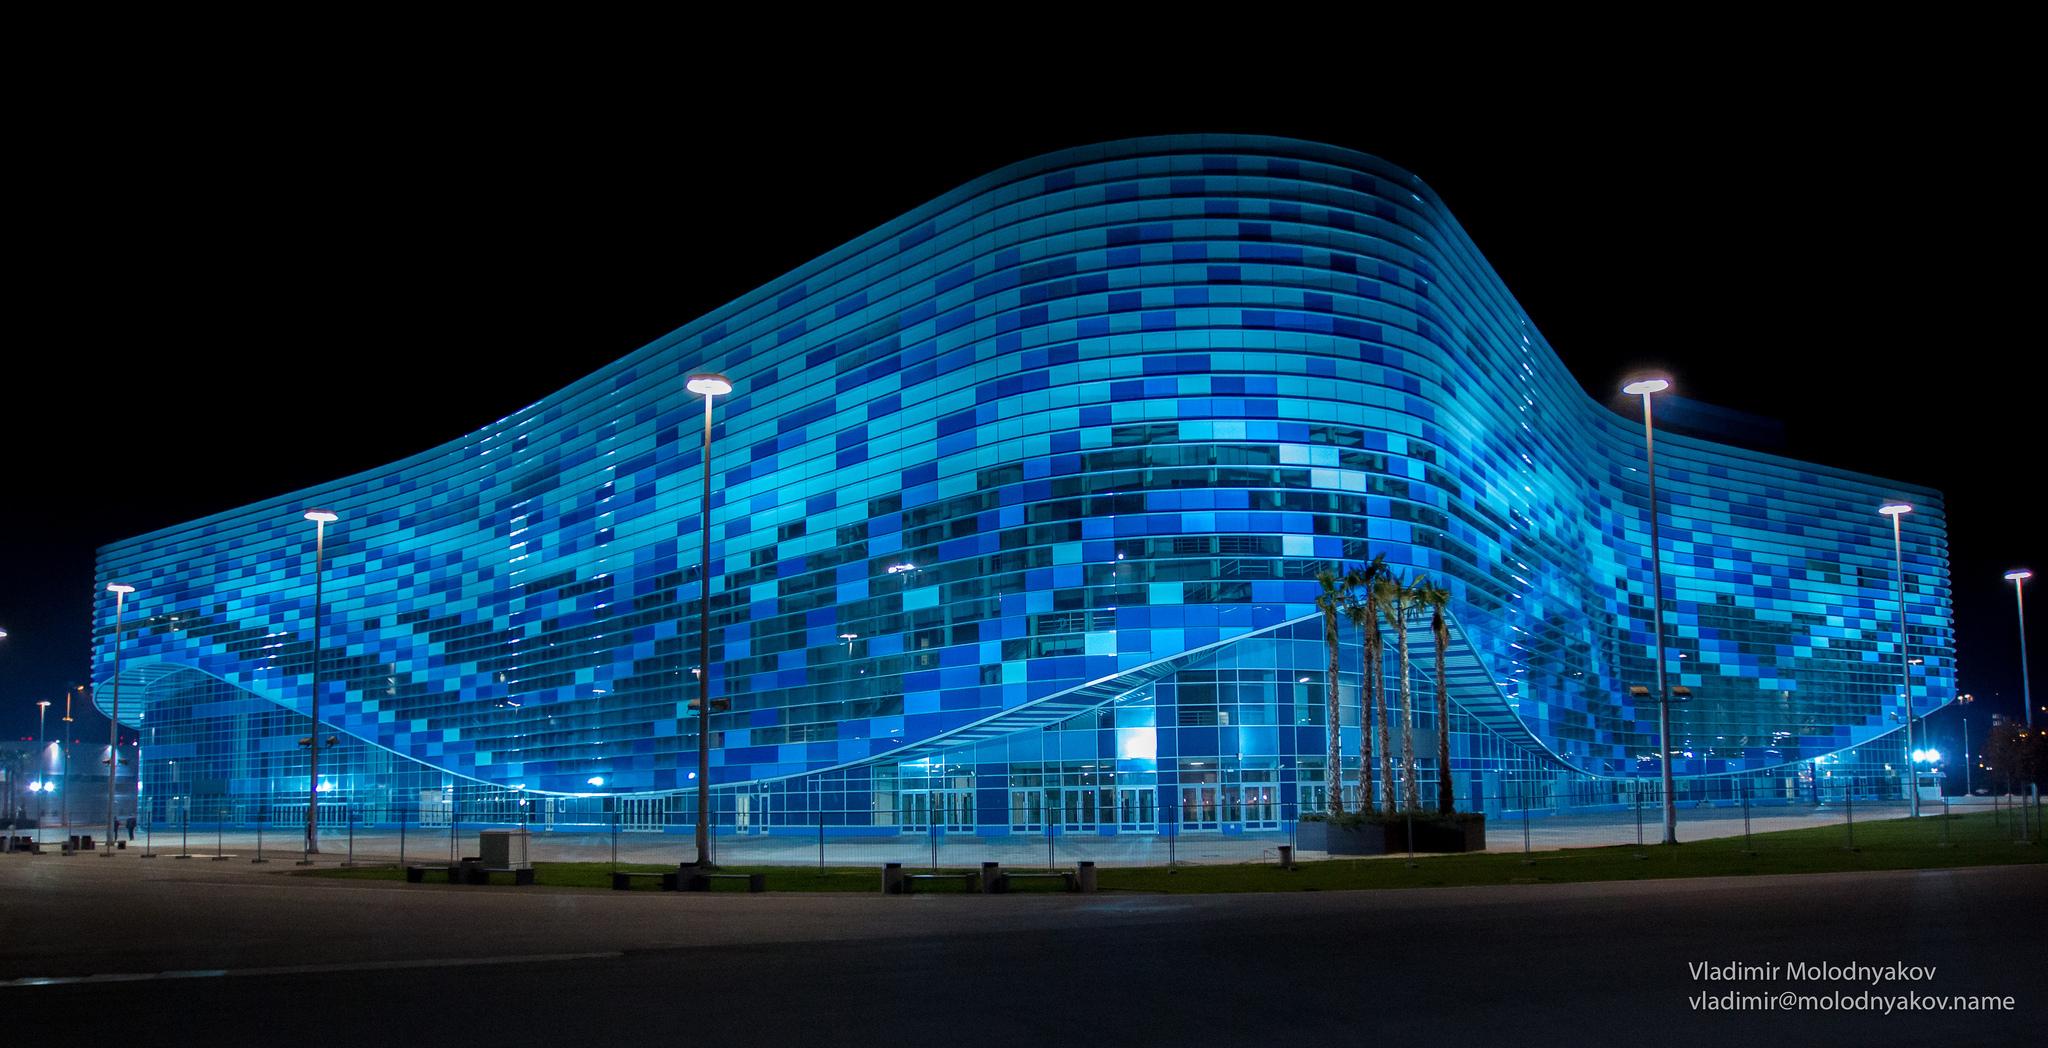 Дворец зимнего спорта «Айсберг», Олимпийский парк Сочи